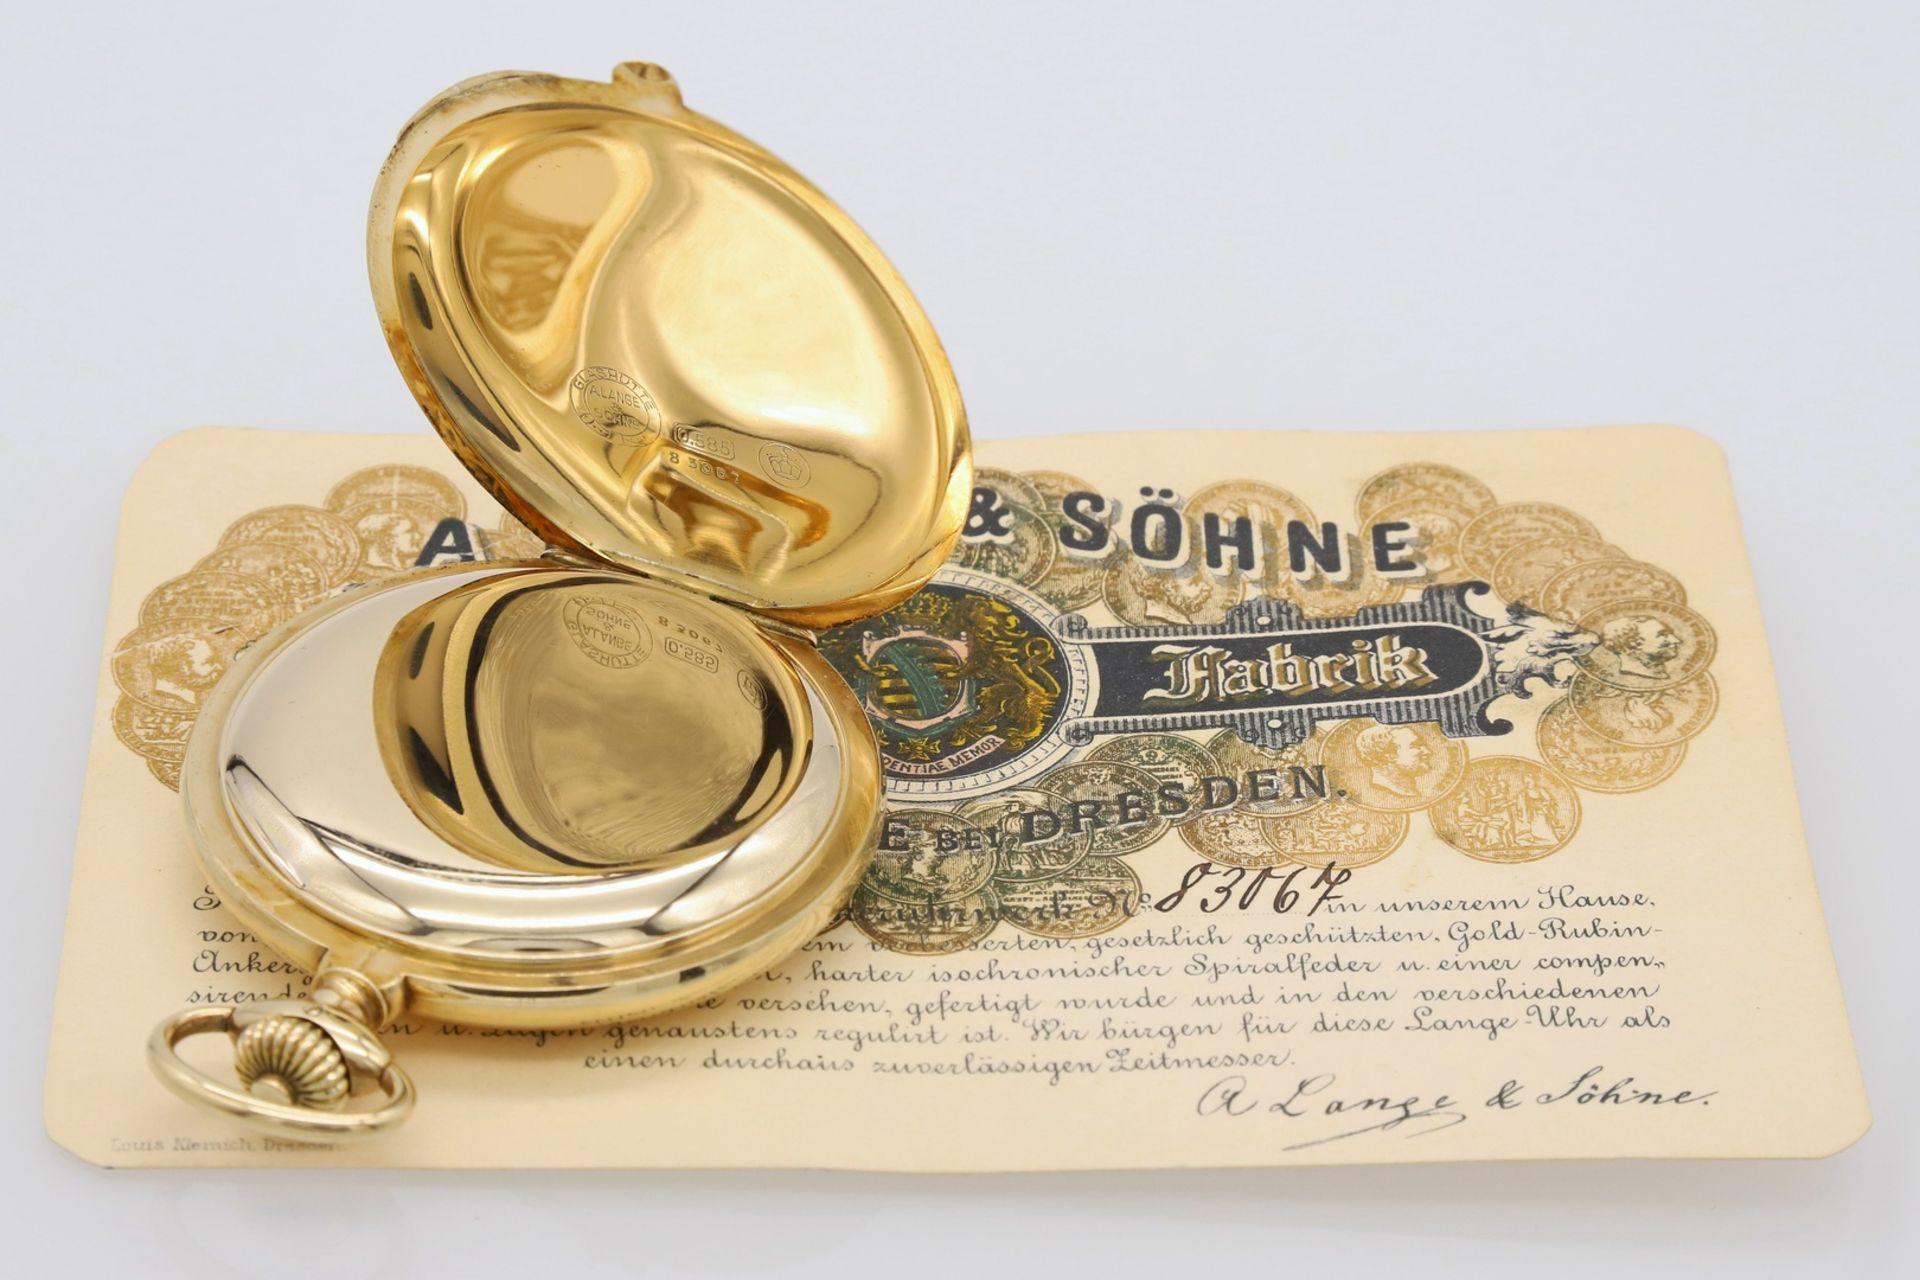 A. Lange & Söhne Savonette Taschenuhr im Etui, um 1930 - Image 5 of 6